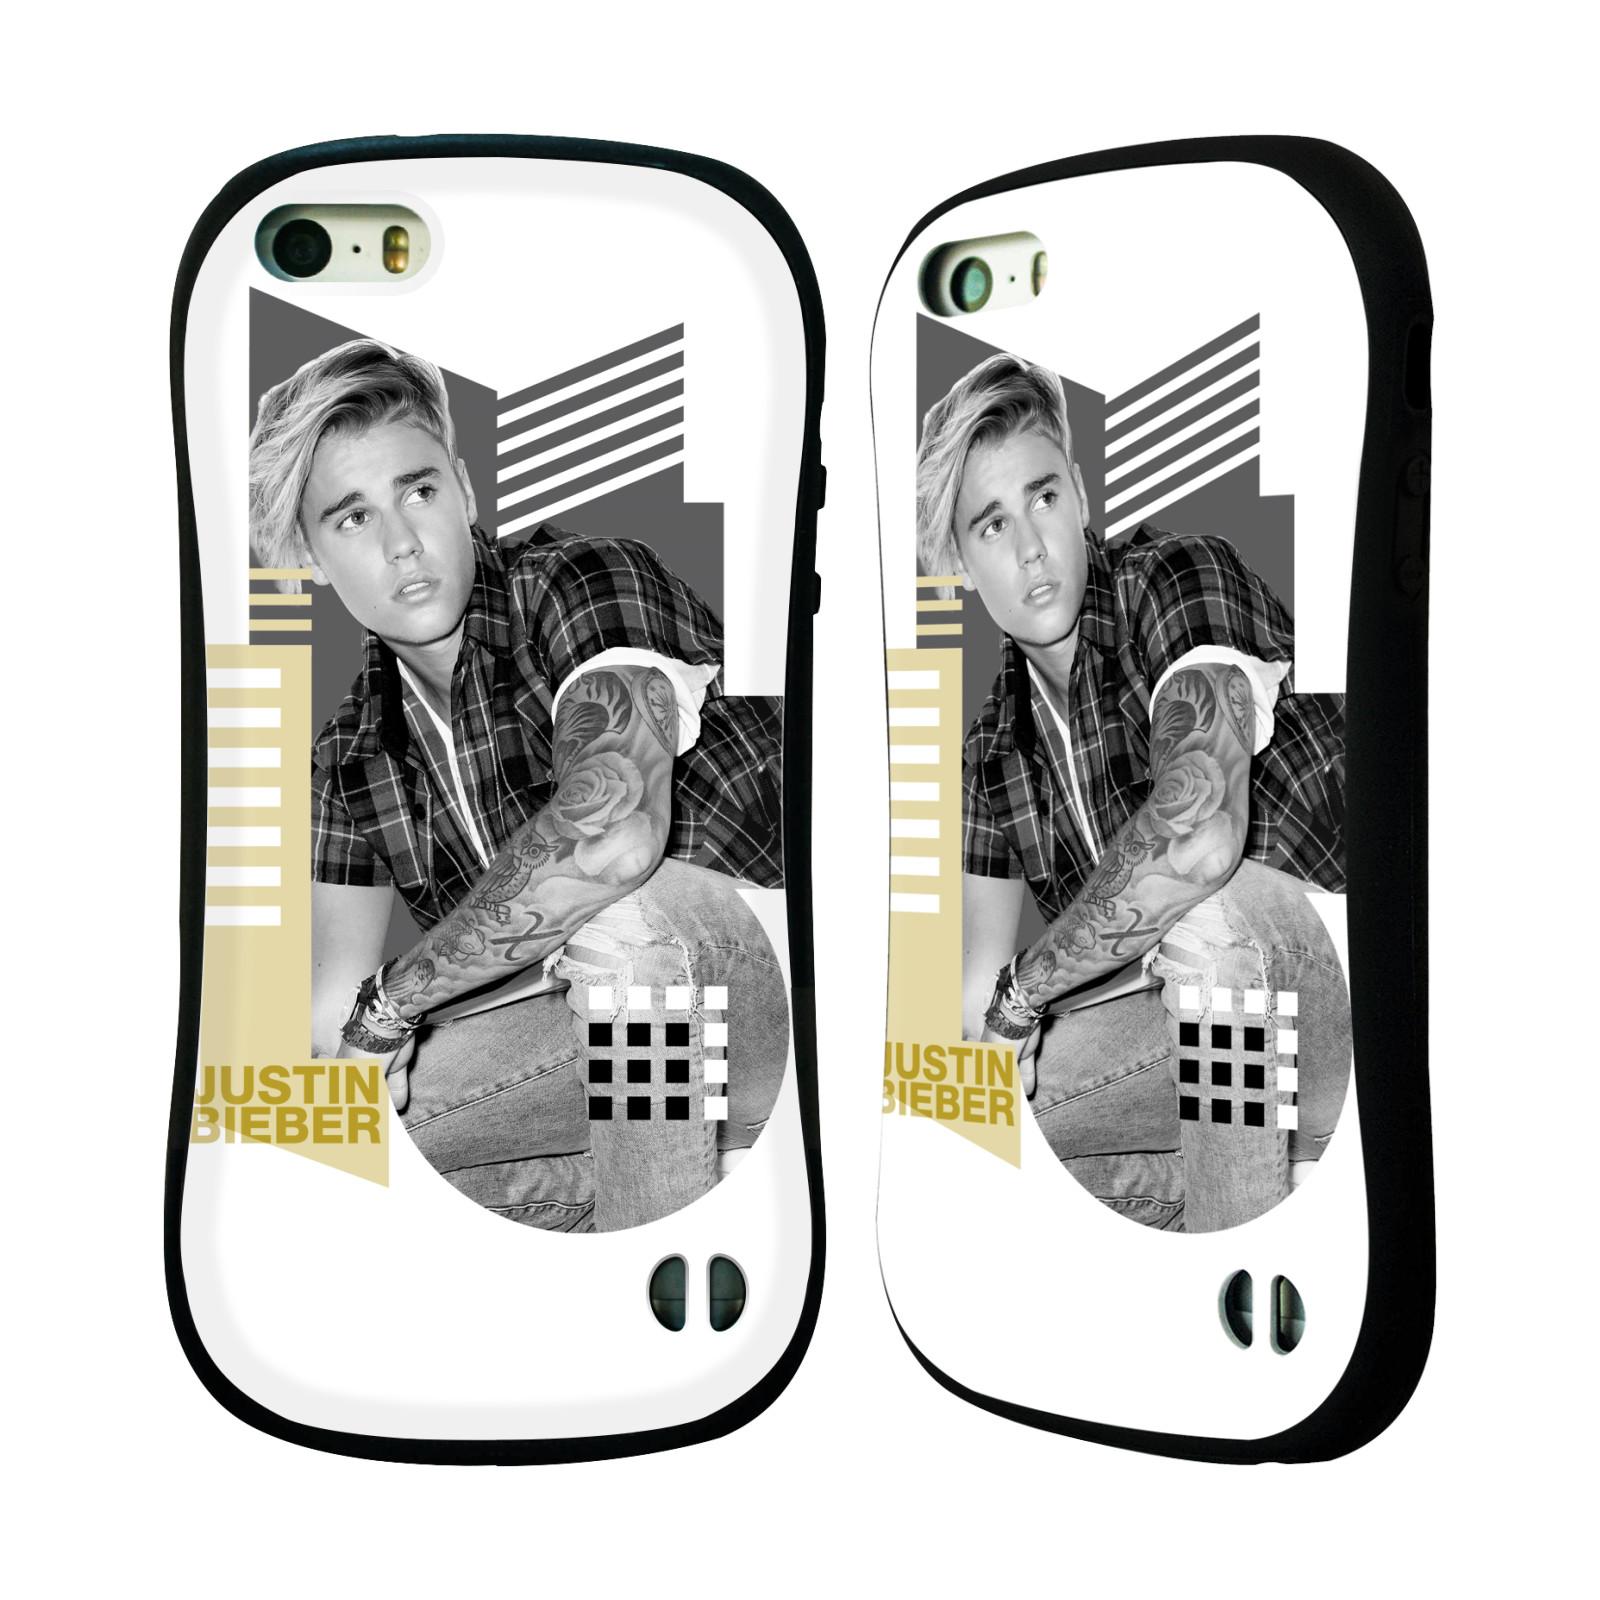 HEAD CASE silikon/plast odolný obal na mobil Apple Iphone 5 / 5S originální potisk Justin Bieber tvary foto